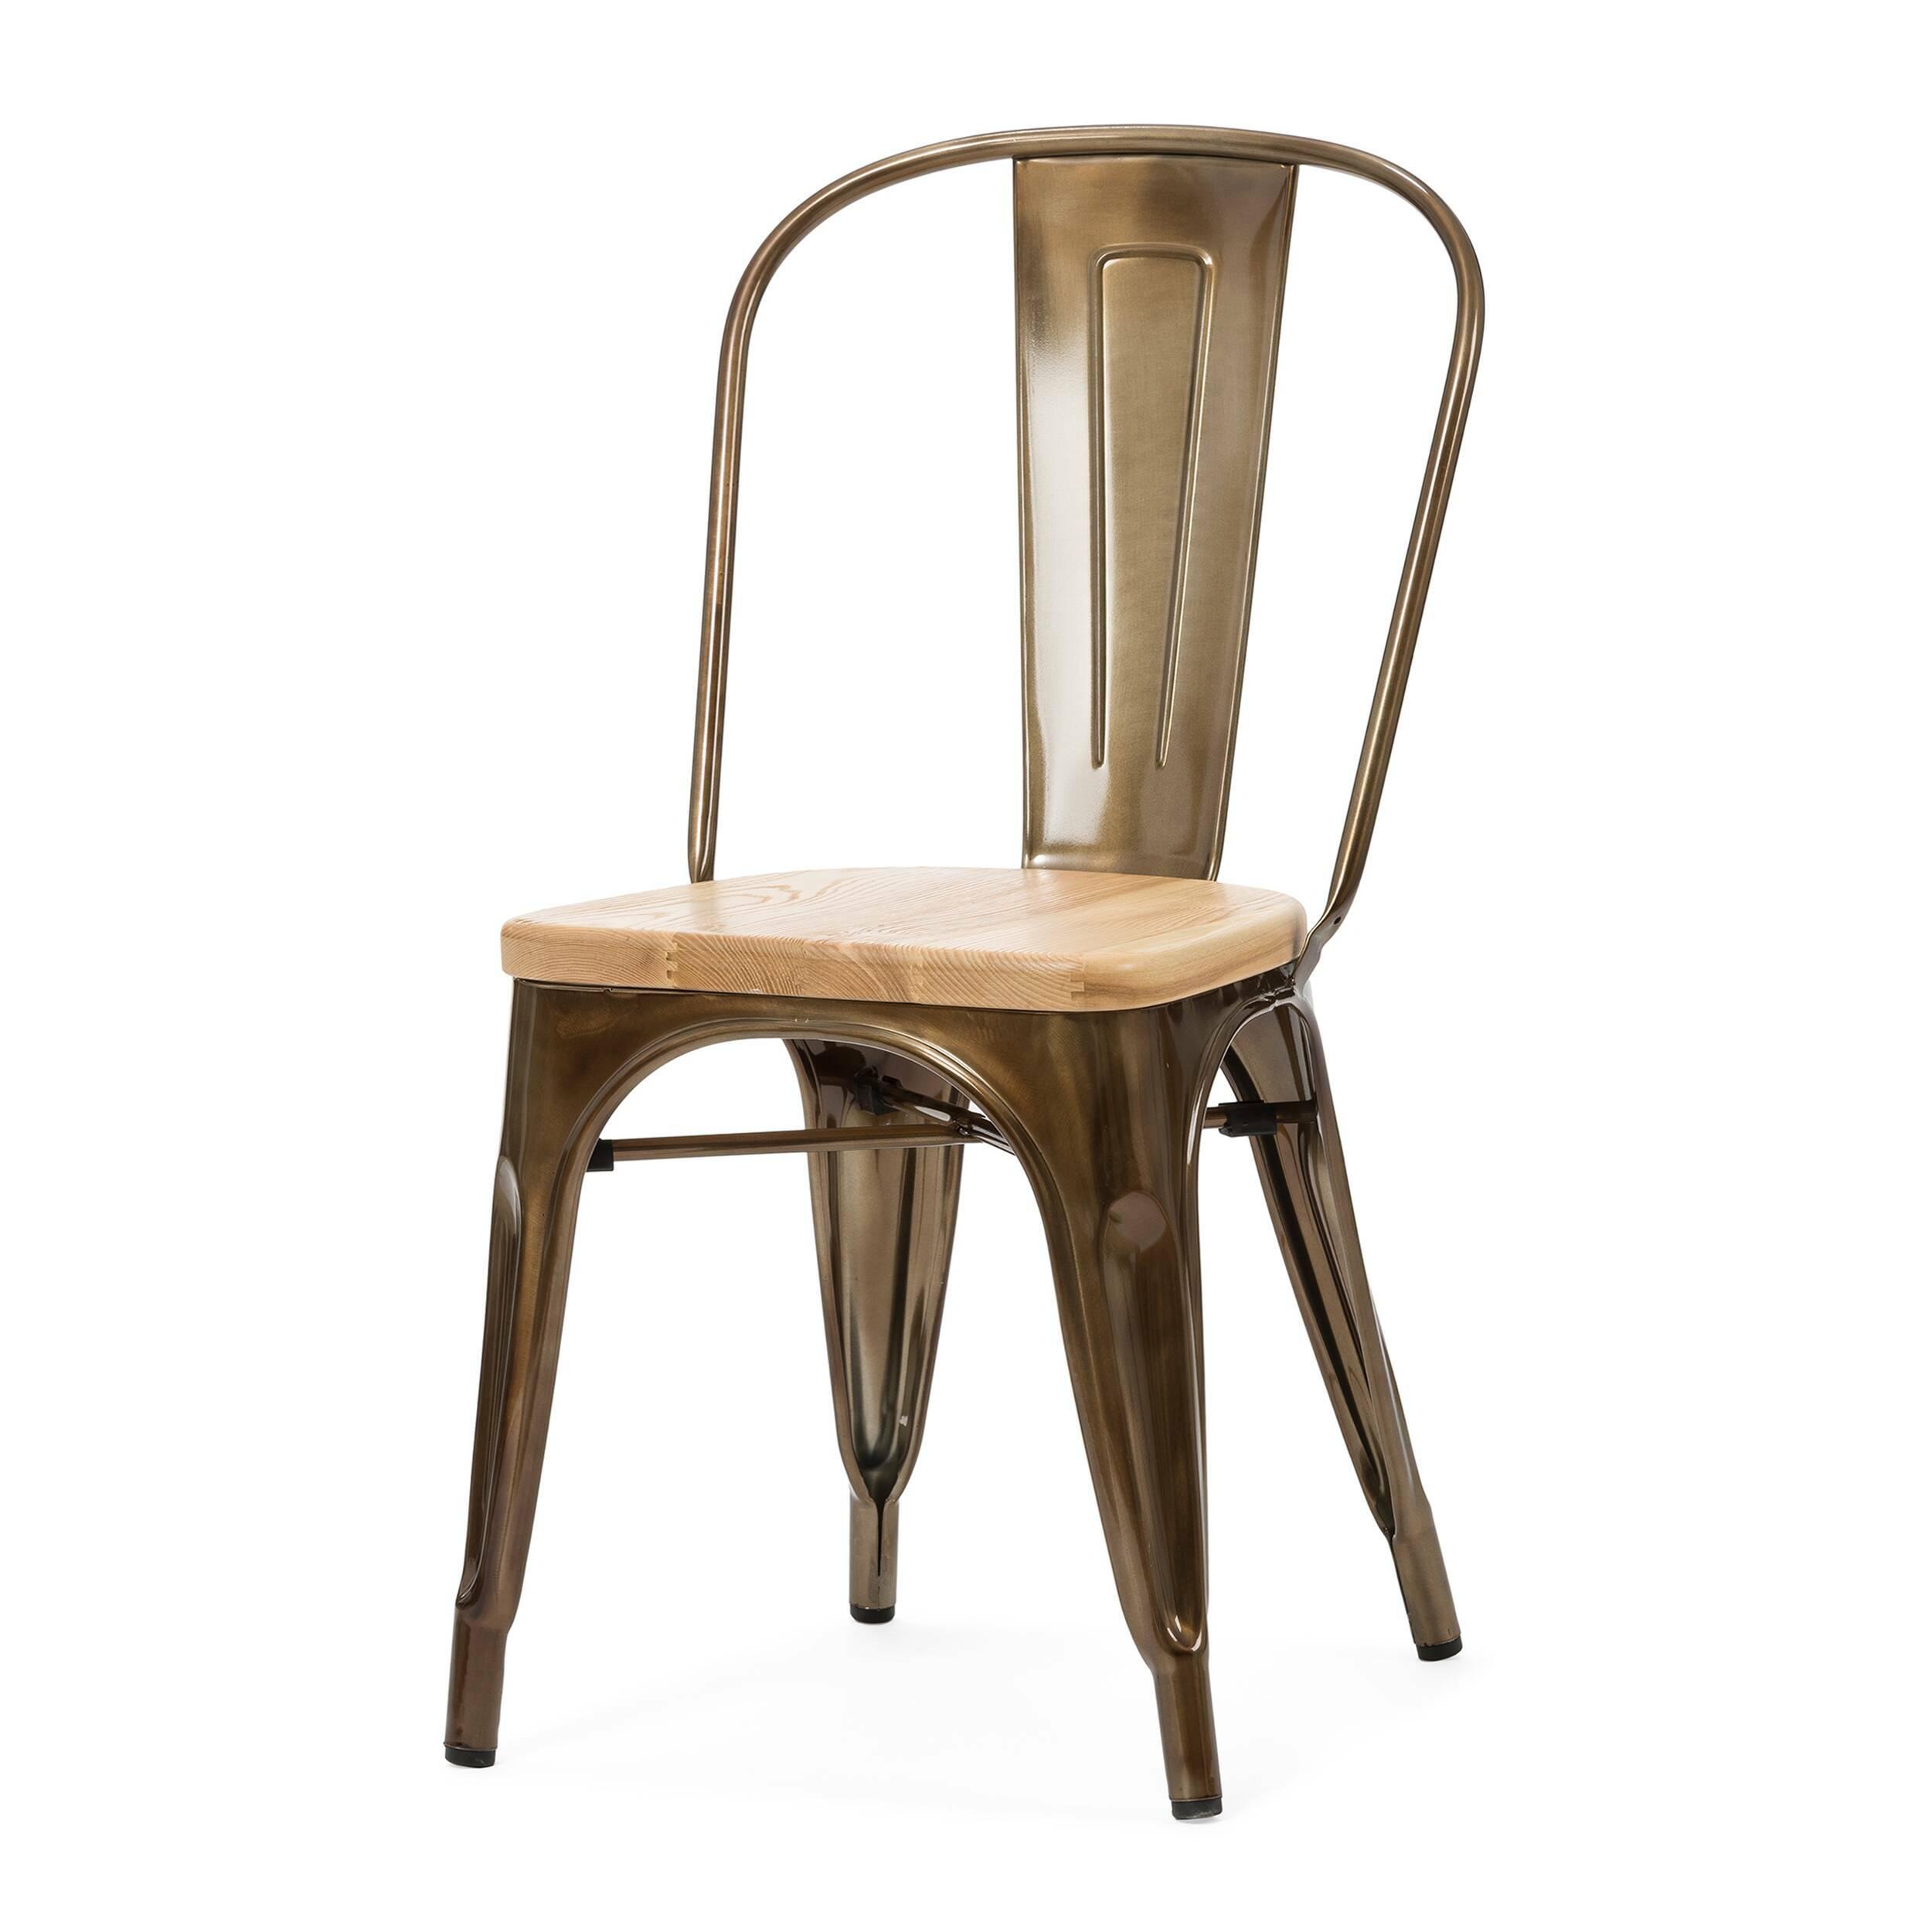 Стул Marais WoodИнтерьерные<br>Дизайнерский креативный жесткий стул Marais Wood (Мэрейс Вуд) на стальном каркасе с сиденьем из дерева от Cosmo (Космо).<br><br>     В современном мире не существует единого правила для создания интерьера, это вопрос личных предпочтений. Кто-то любит наличие картин в золоченых резных рамах, кто-то увлекается яркими восточными коврами и рогожками, а кому-то ближе холодный приглушенный блеск металла и промышленный дизайн в оформлении жилища.<br><br><br> Стул Marais Wood  — это именно индустриальный стиль...<br><br>stock: 10<br>Высота: 85<br>Высота сиденья: 45<br>Ширина: 46<br>Глубина: 51<br>Тип материала каркаса: Сталь<br>Материал сидения: Массив дуба<br>Цвет сидения: Дуб<br>Тип материала сидения: Дерево<br>Цвет каркаса: Бронза пушечная